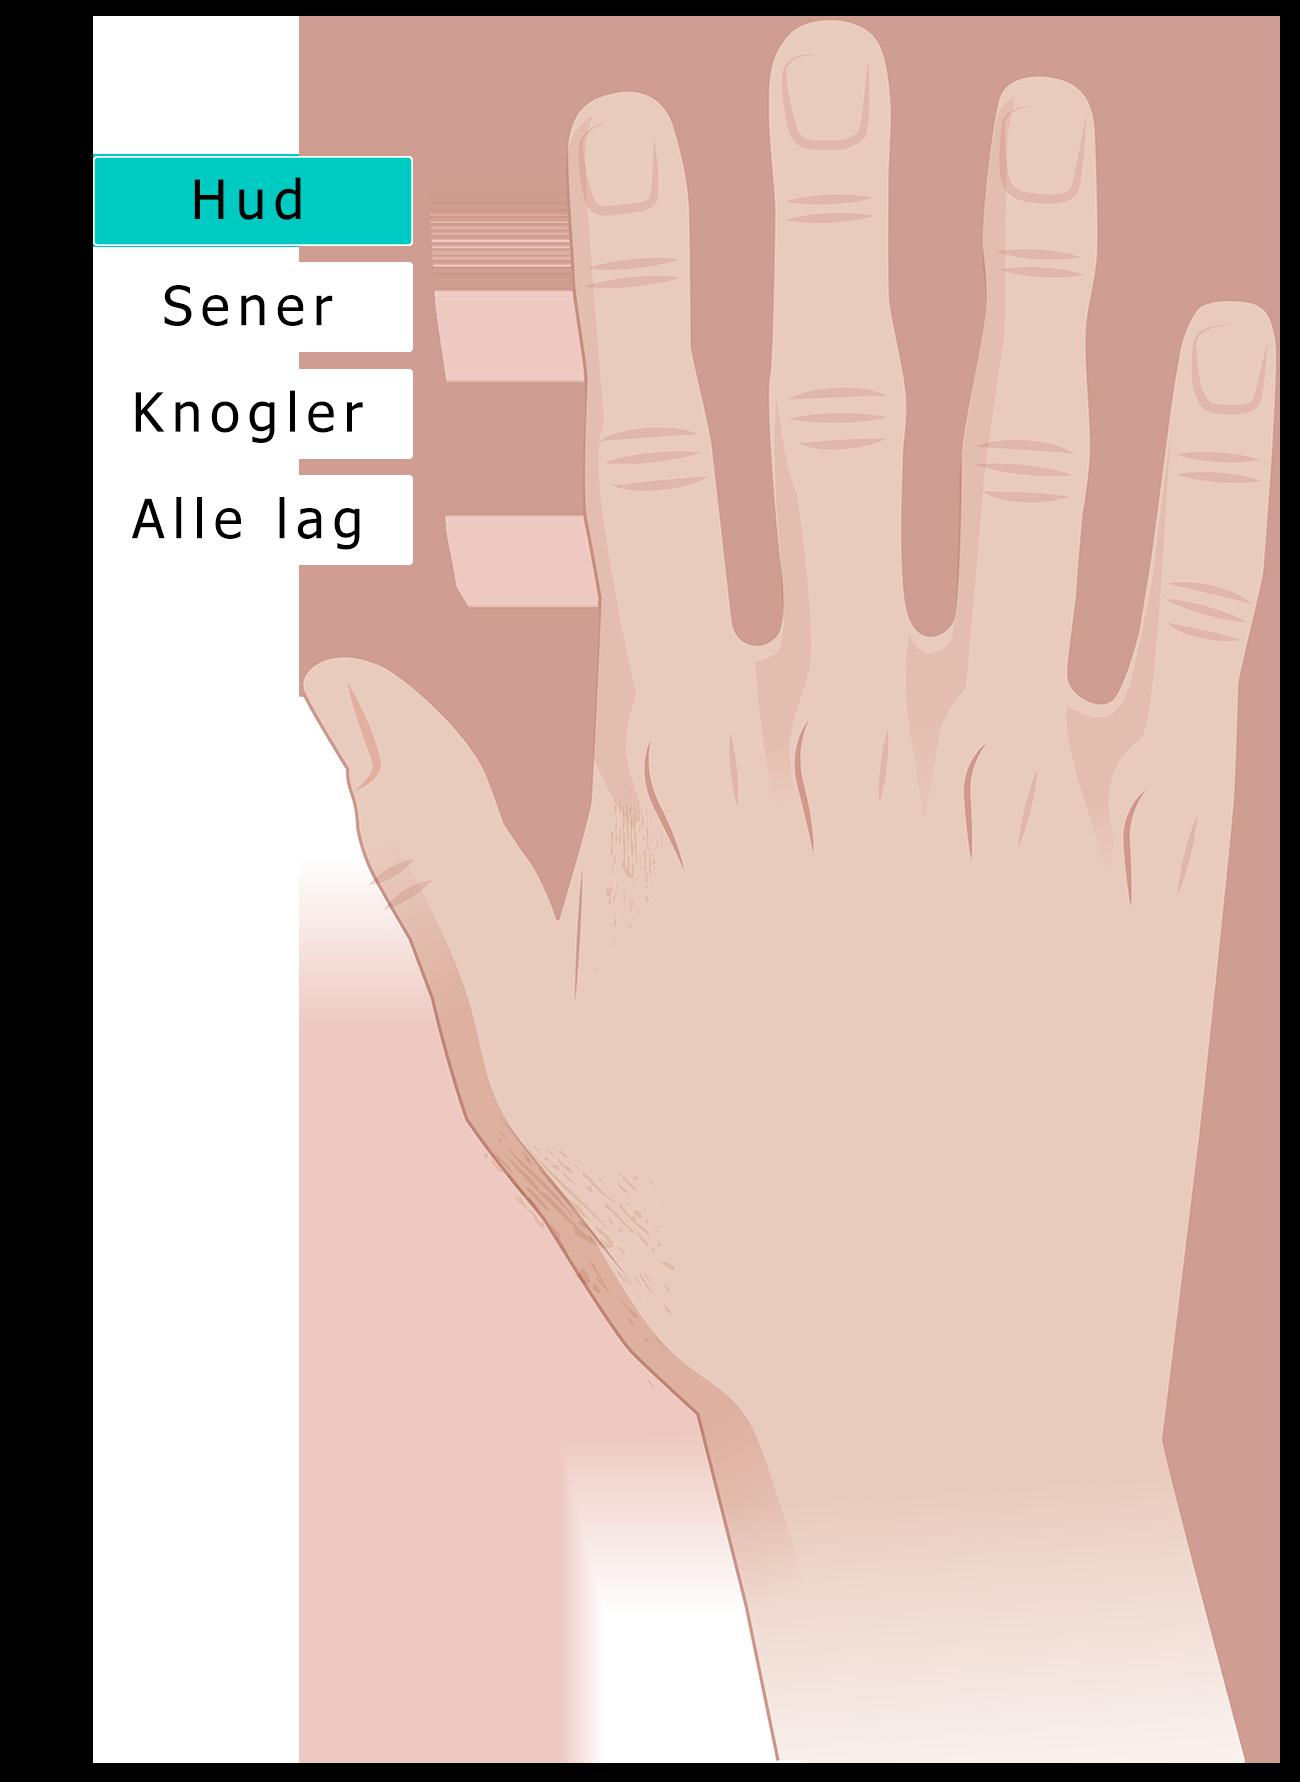 Hånd hud